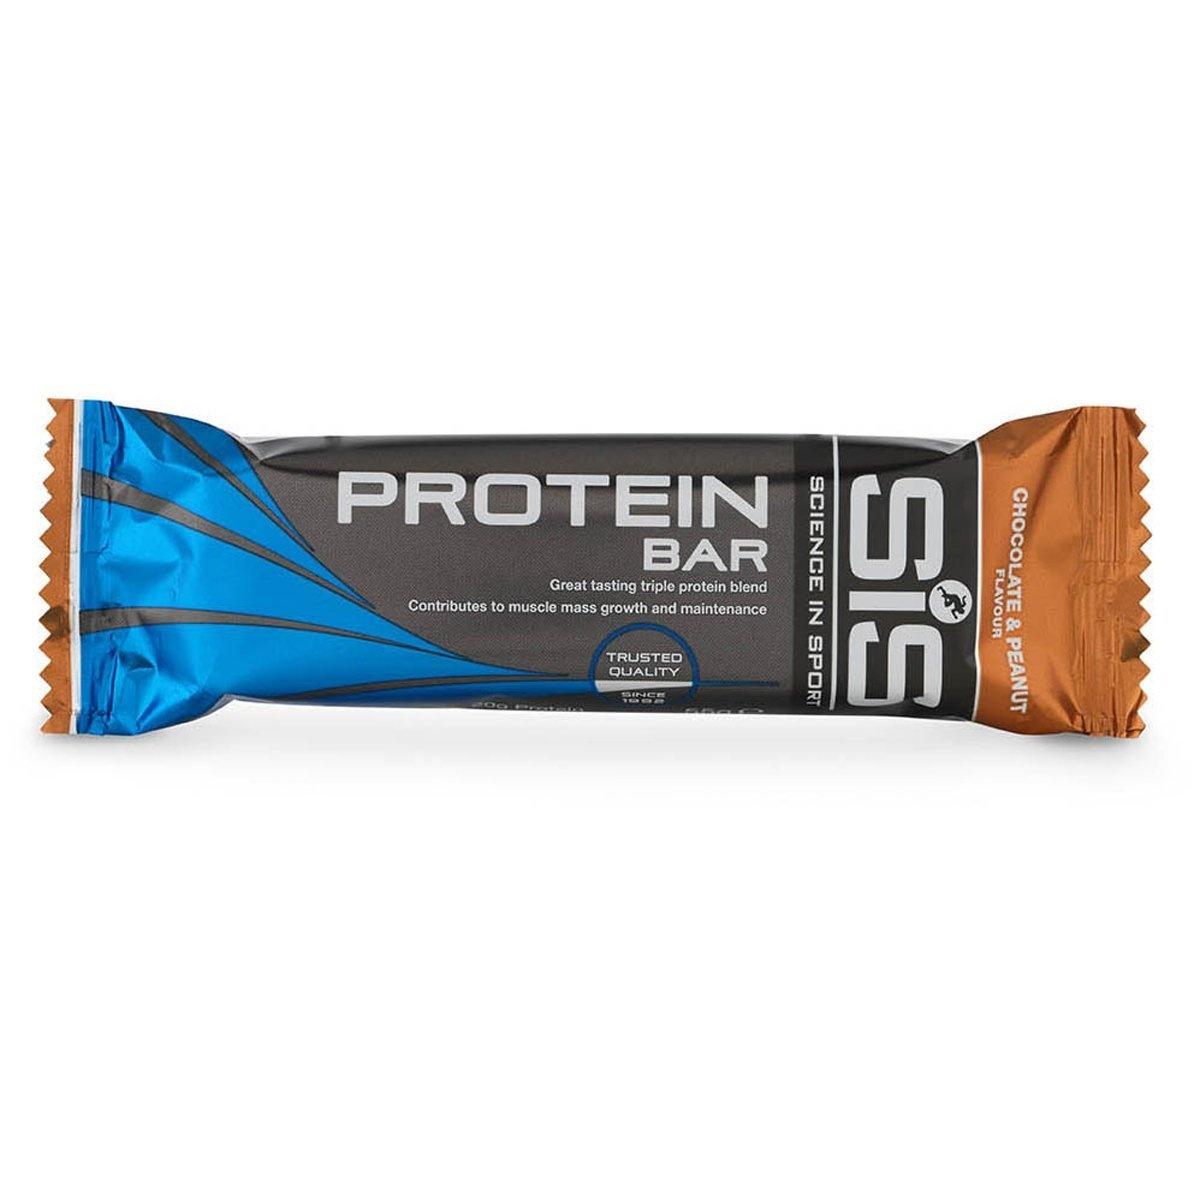 SIS Proteinbar Chocolate/Peanut 55g